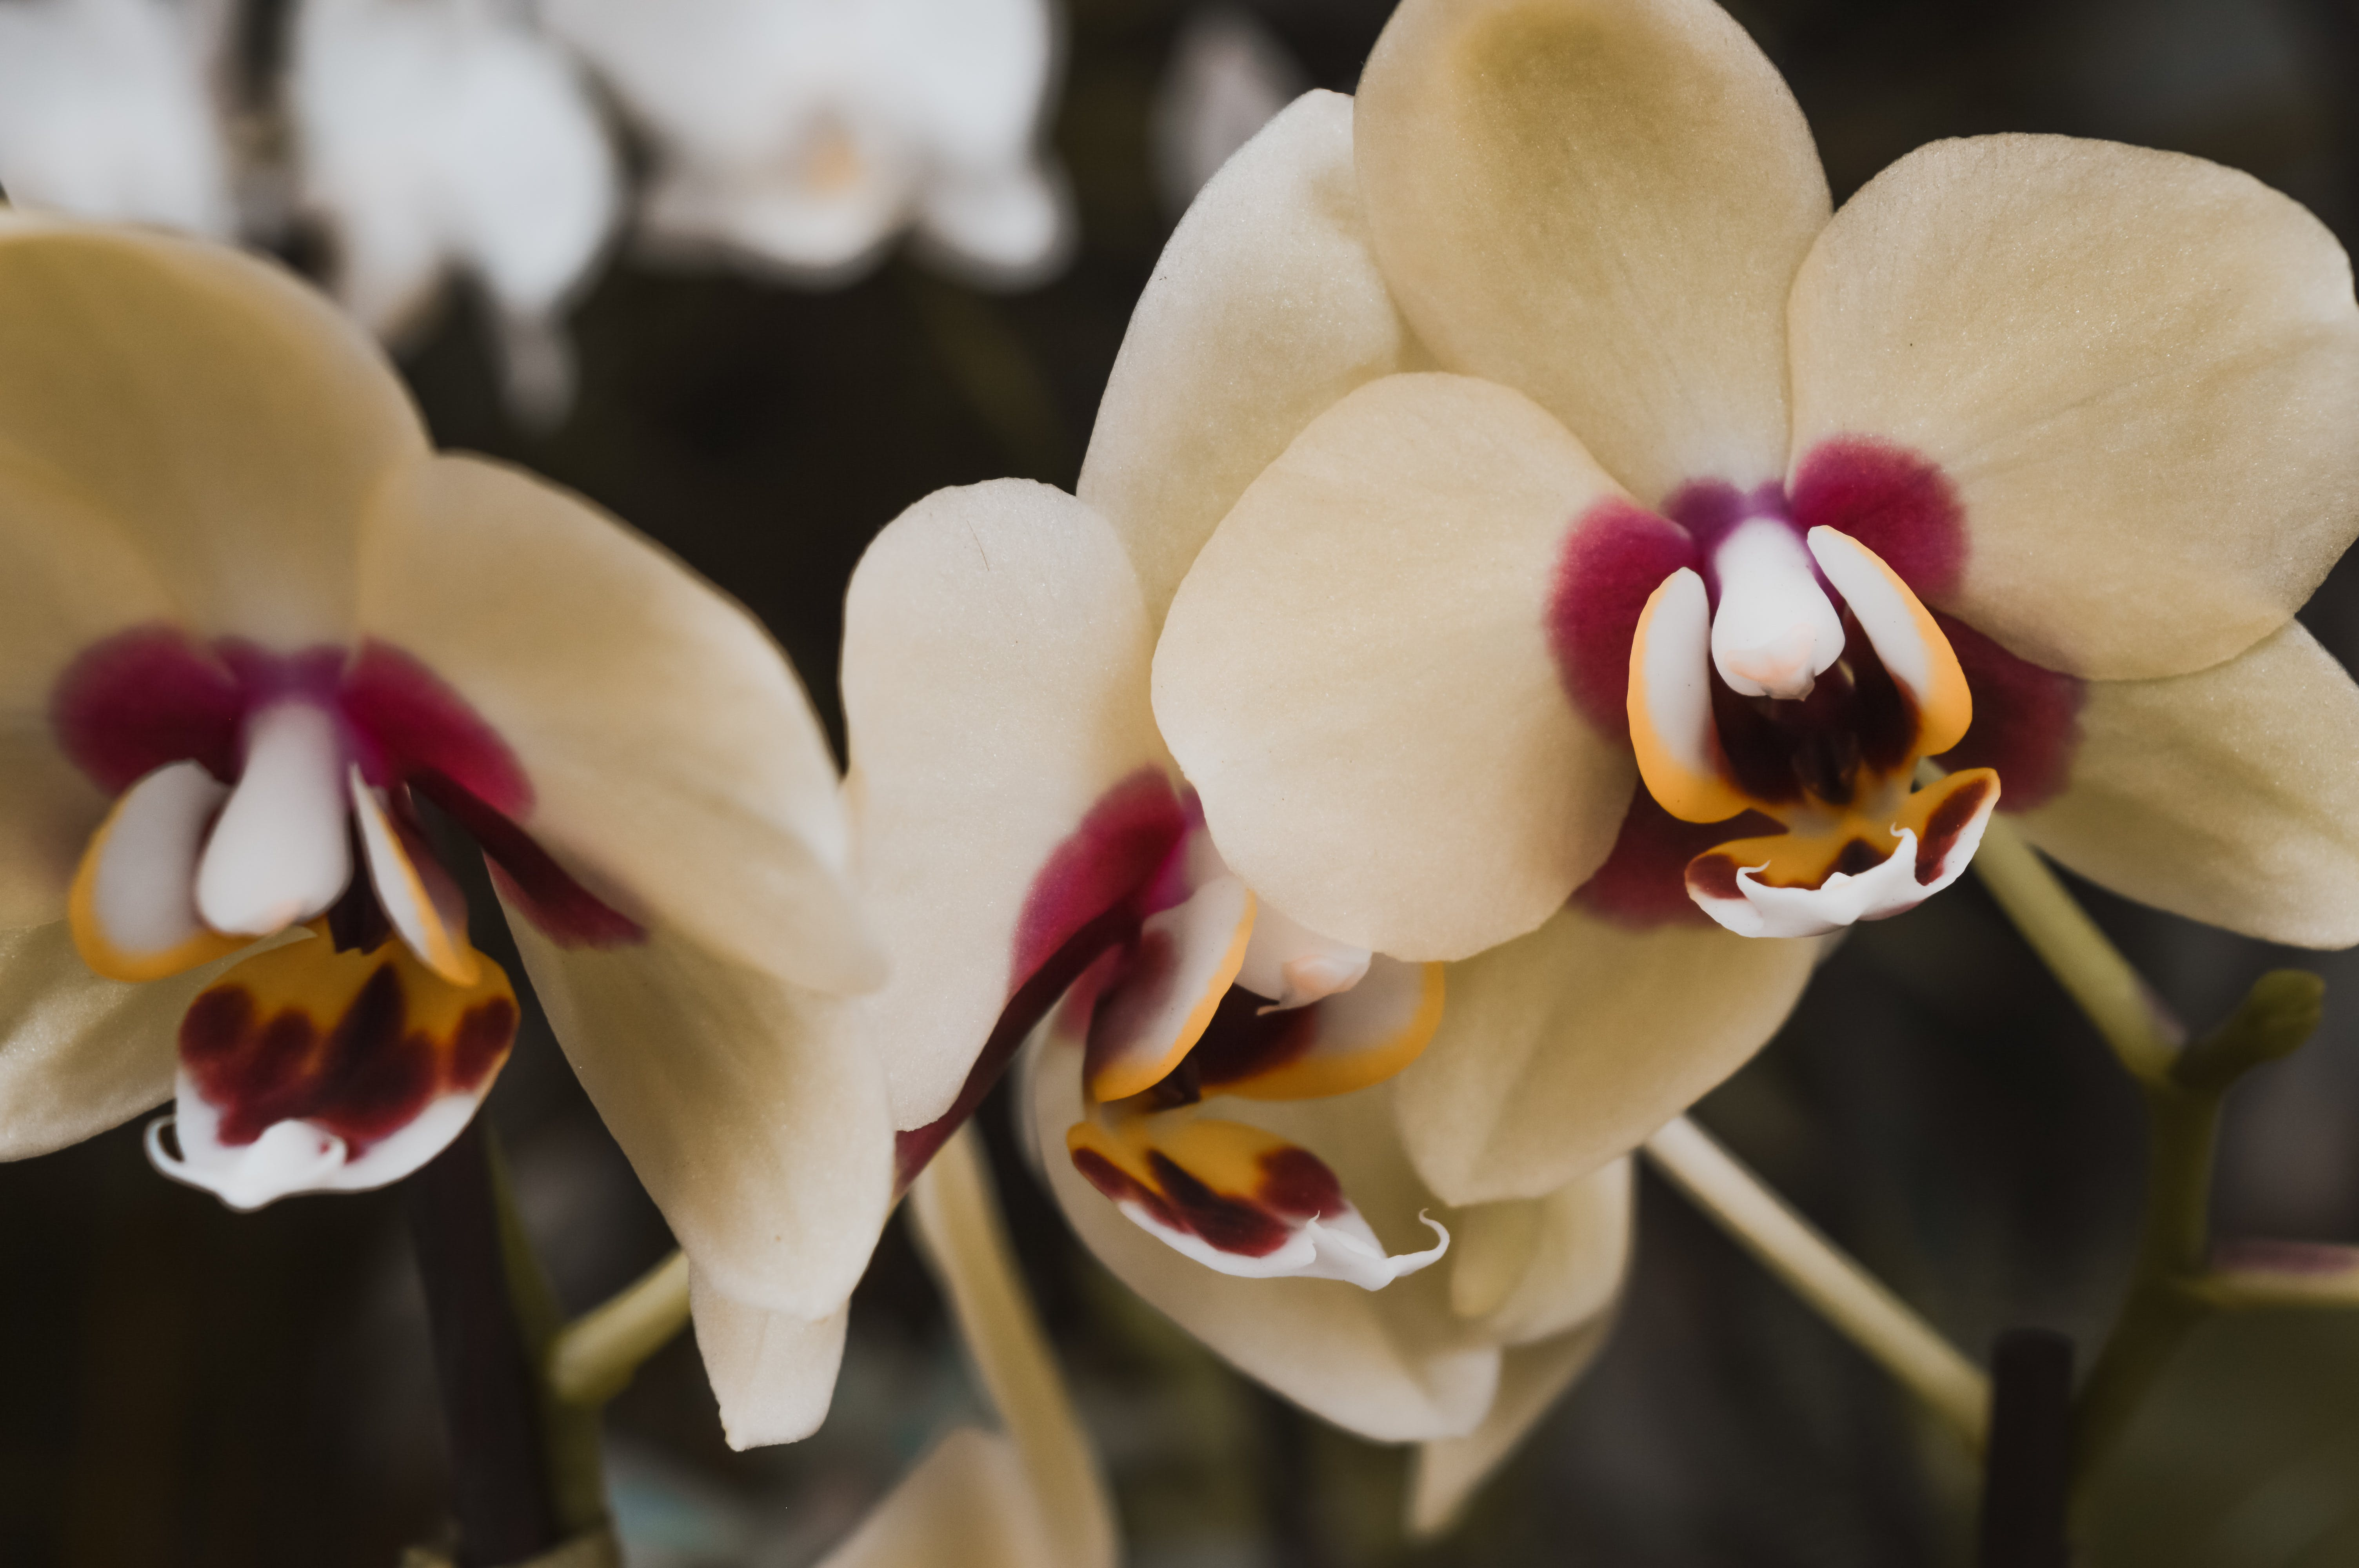 คลังภาพถ่ายฟรี ของ ดอกไม้, ดอกไม้ฤดูใบไม้ผลิ, ดอกไม้สวย, ฤดูใบไม้ผลิ